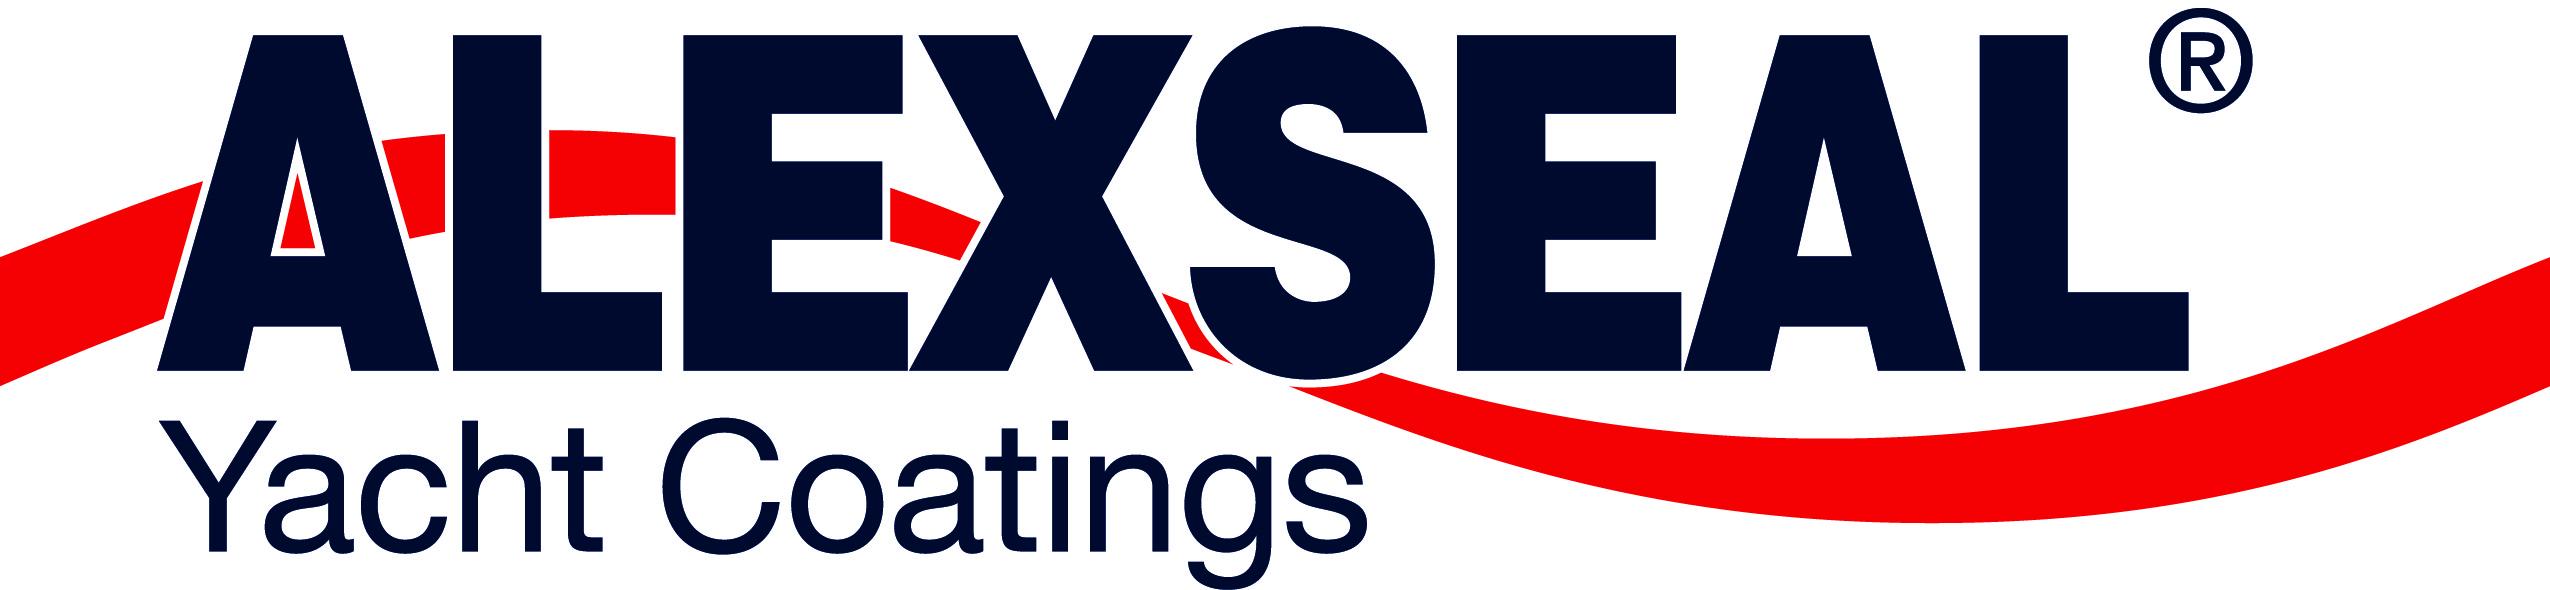 ALXS_logo (1)